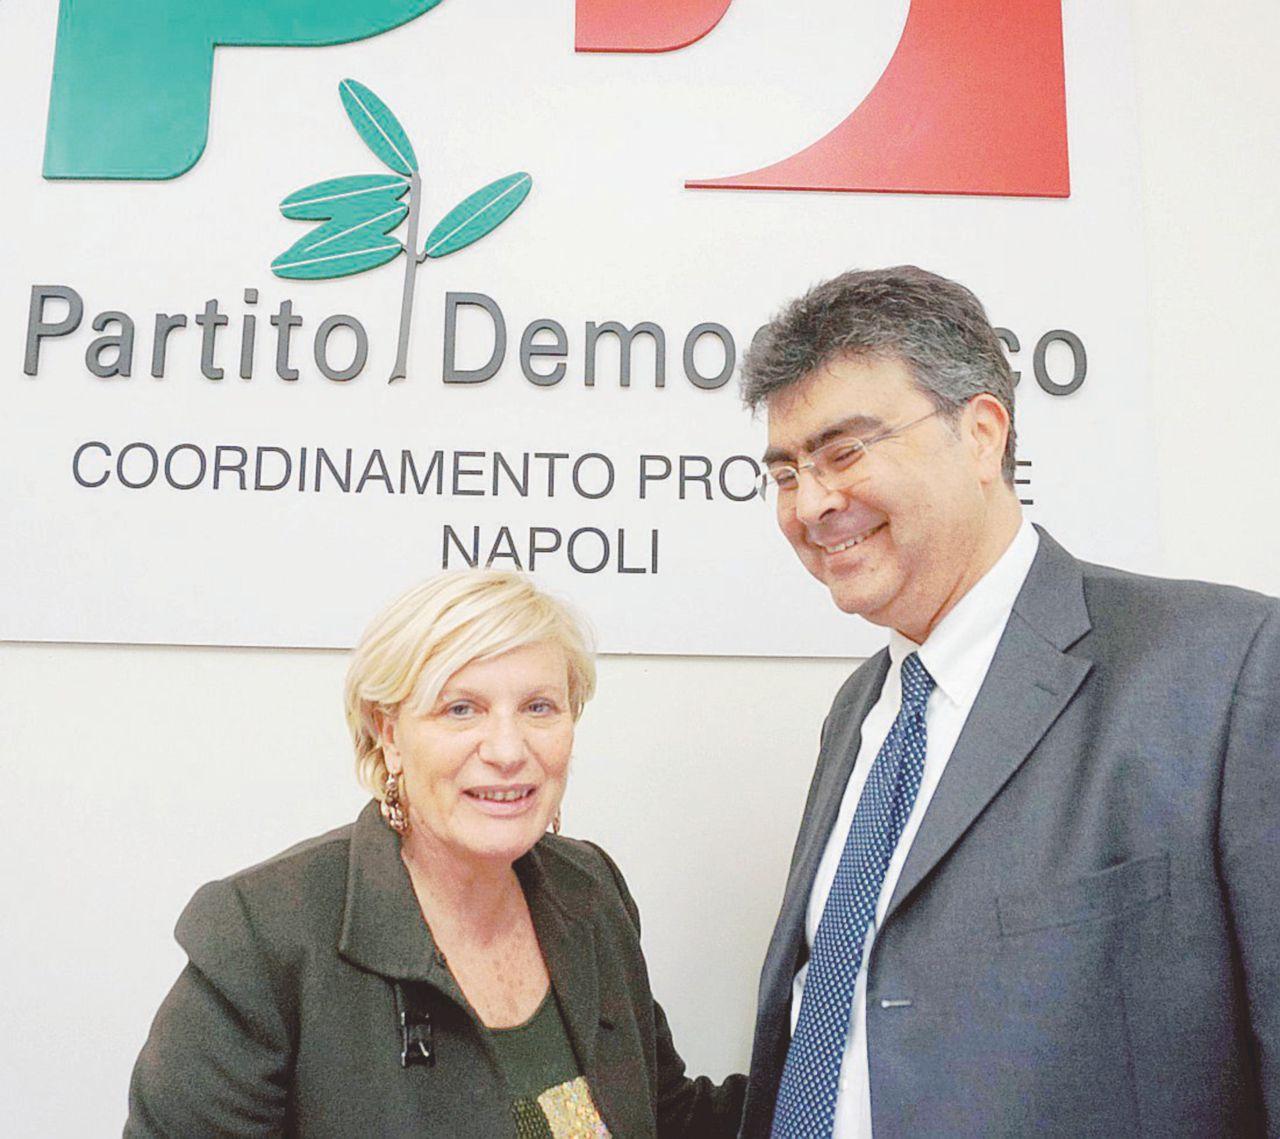 Pd Napoli, guerra degli iscritti: camorra e tessere comprate